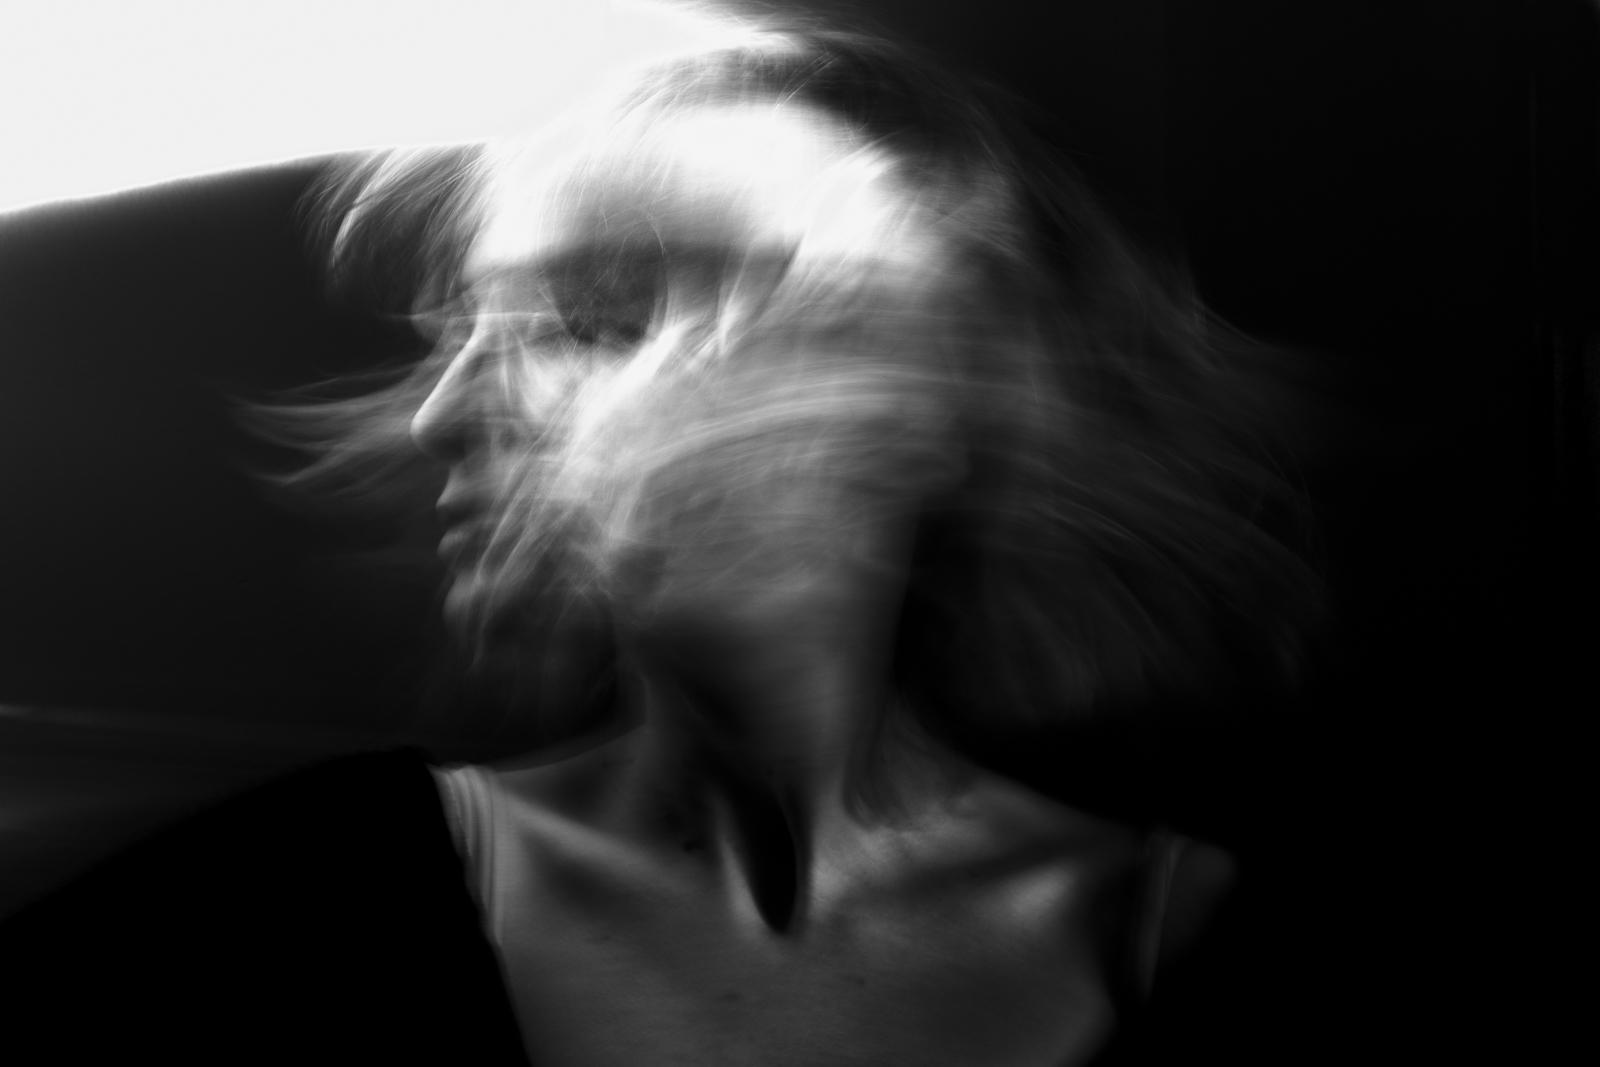 Fotografía Artística en Blanco y Negro